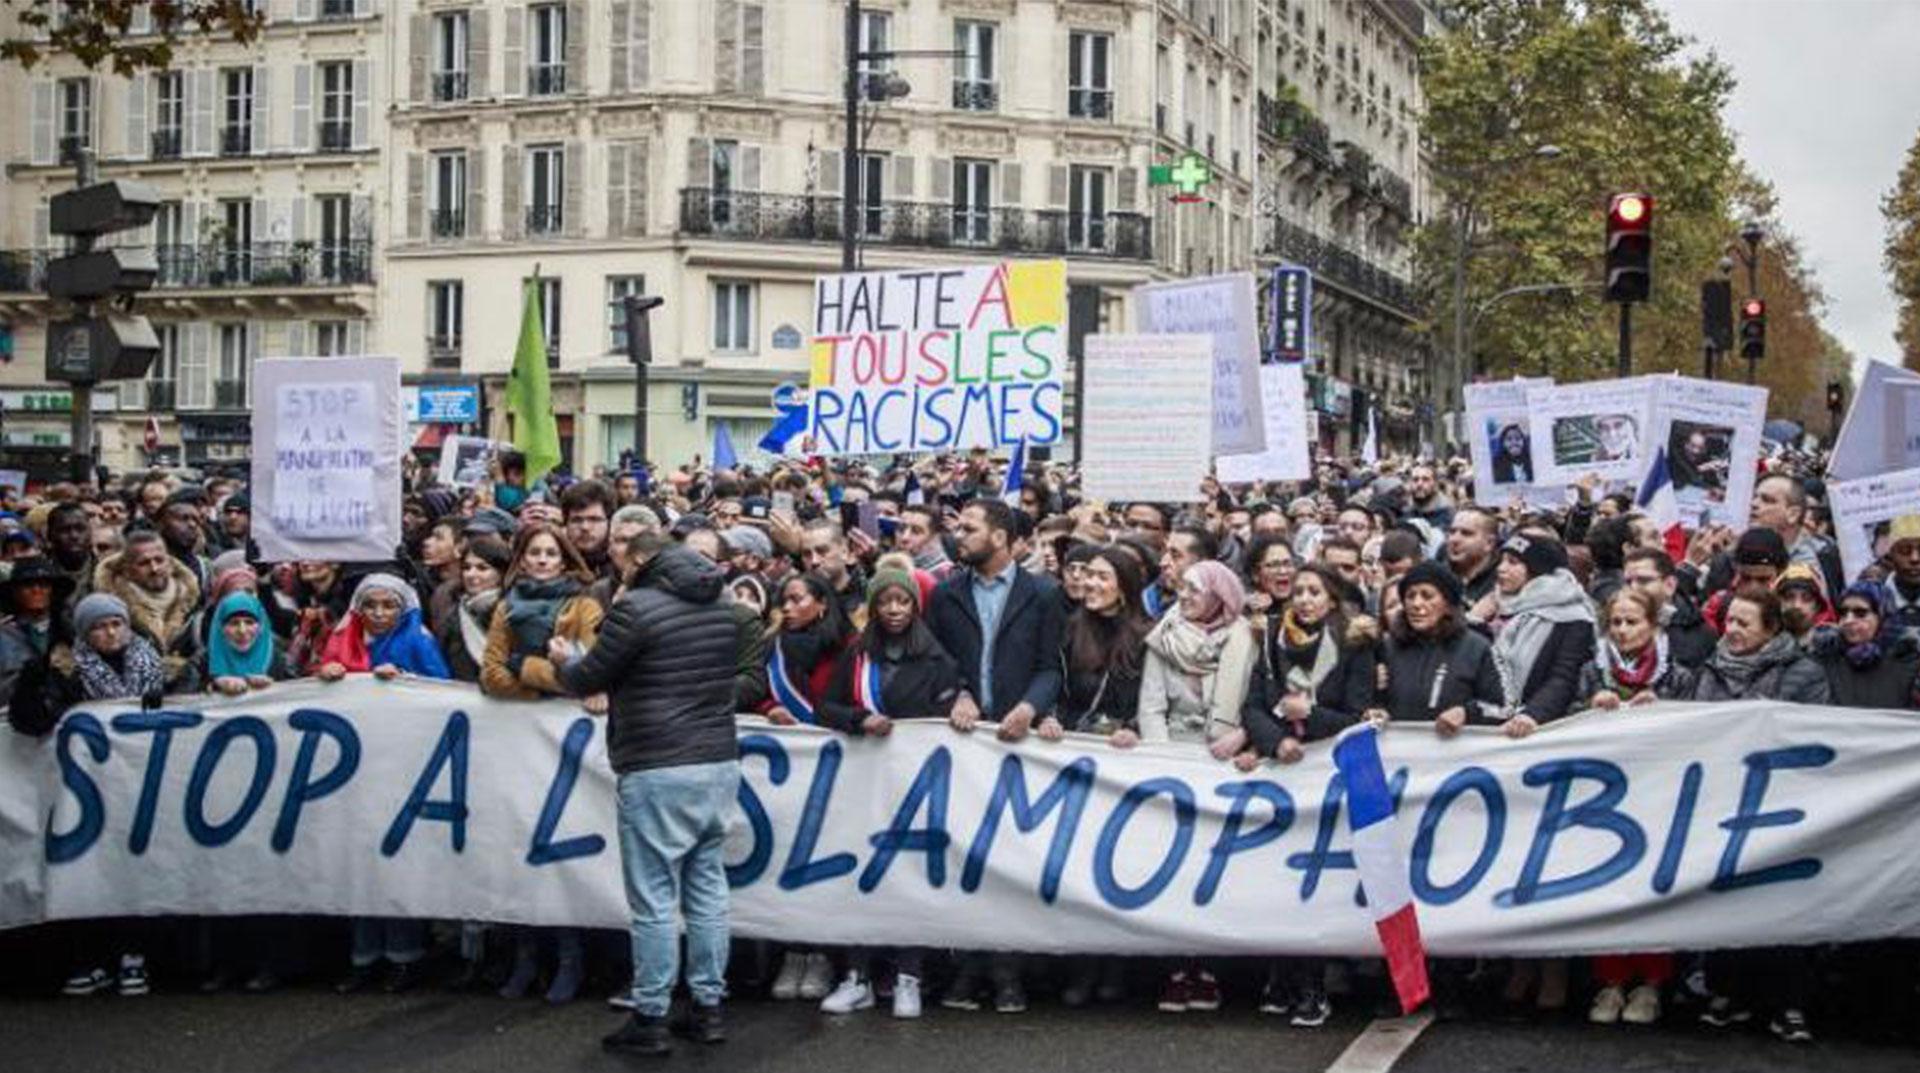 Fransa'da Büyük Yürüyüş! İslam'a Nefrete Karşı On Binler Ayakta